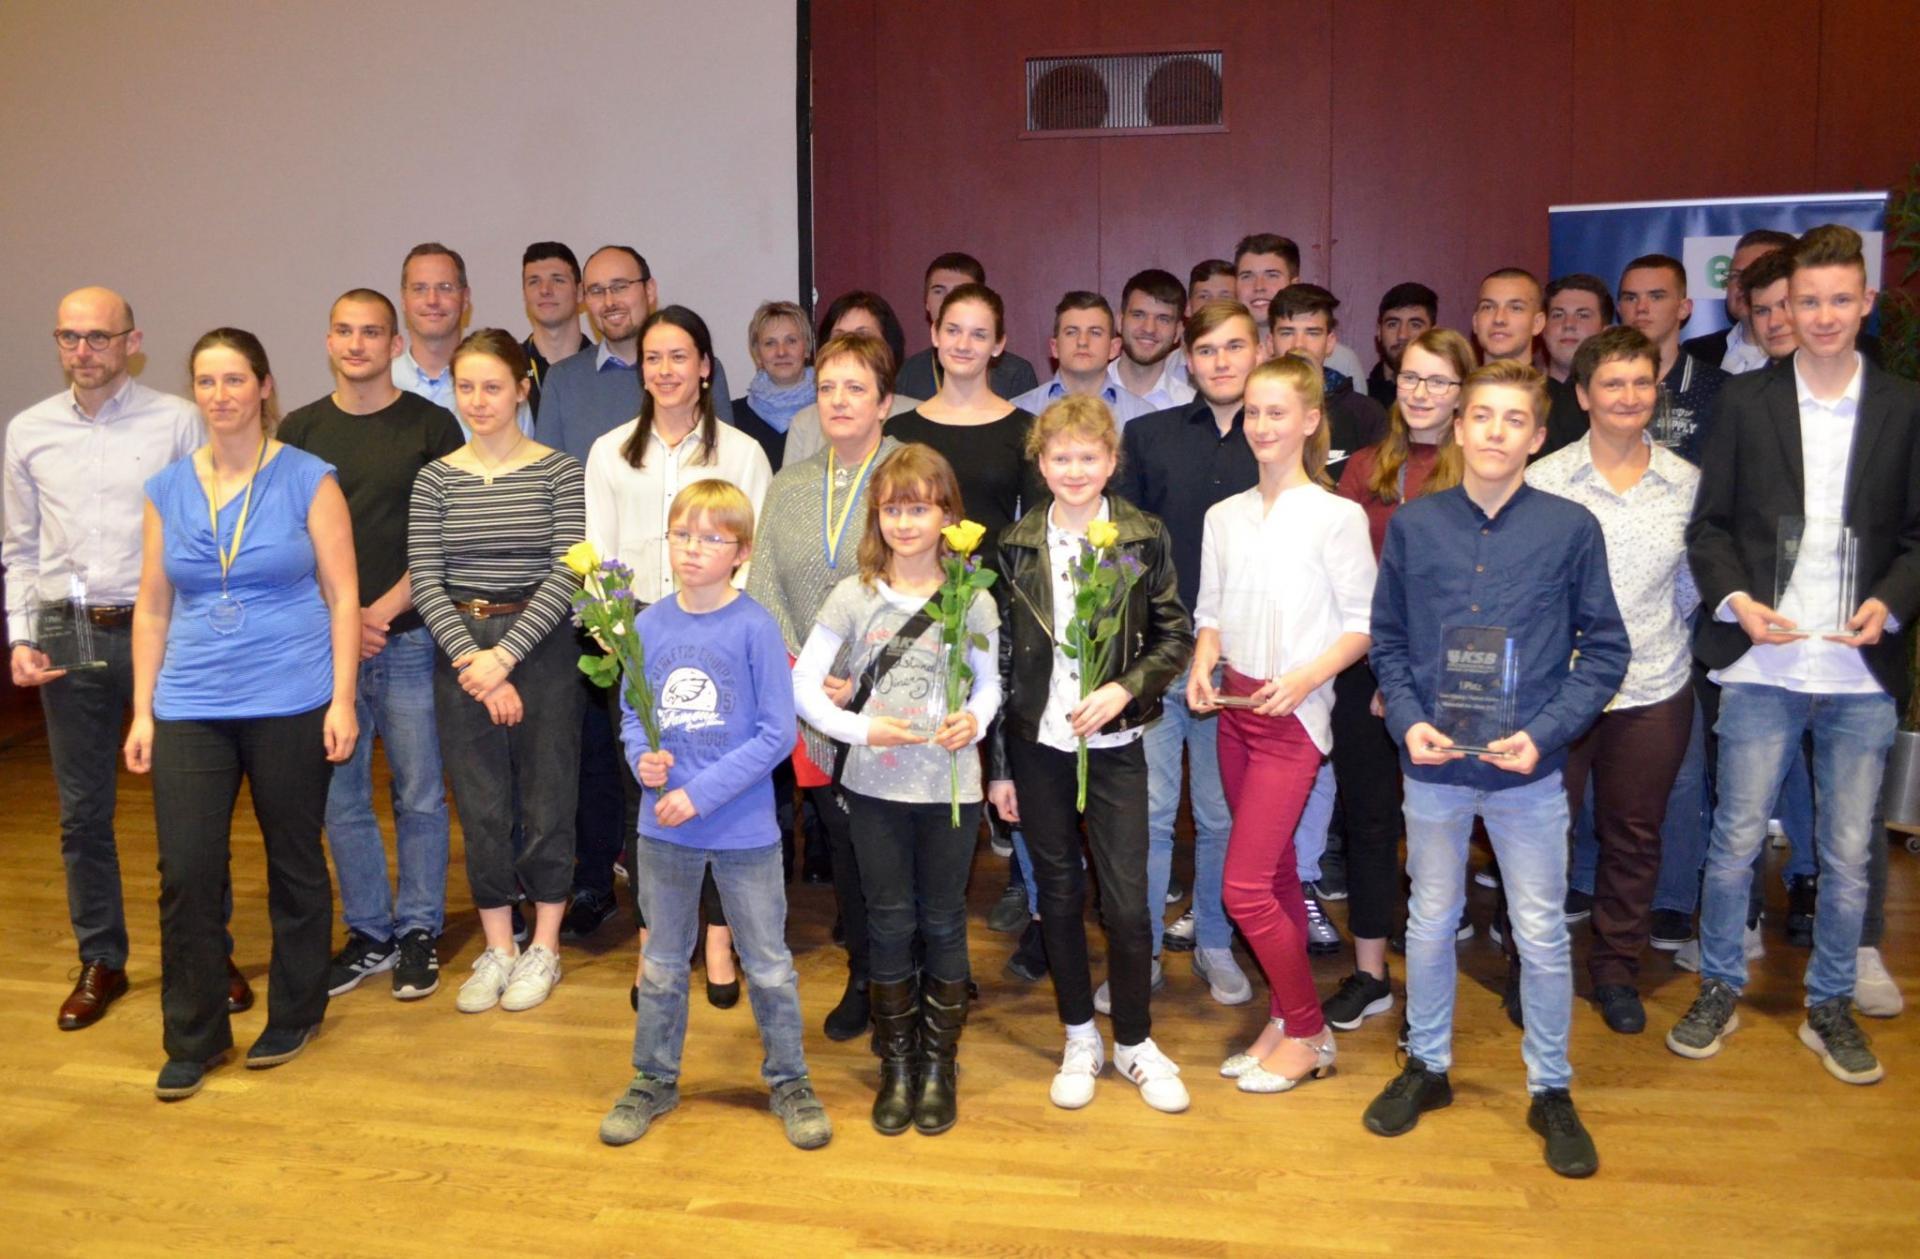 Erfolgreiche Sportler und Funktionäre des Landkreises Dahme-Spreewald. Die bisher letzte Sportlerehrung fand 2019 in Diepensee statt. Foto: Andreas Staindl